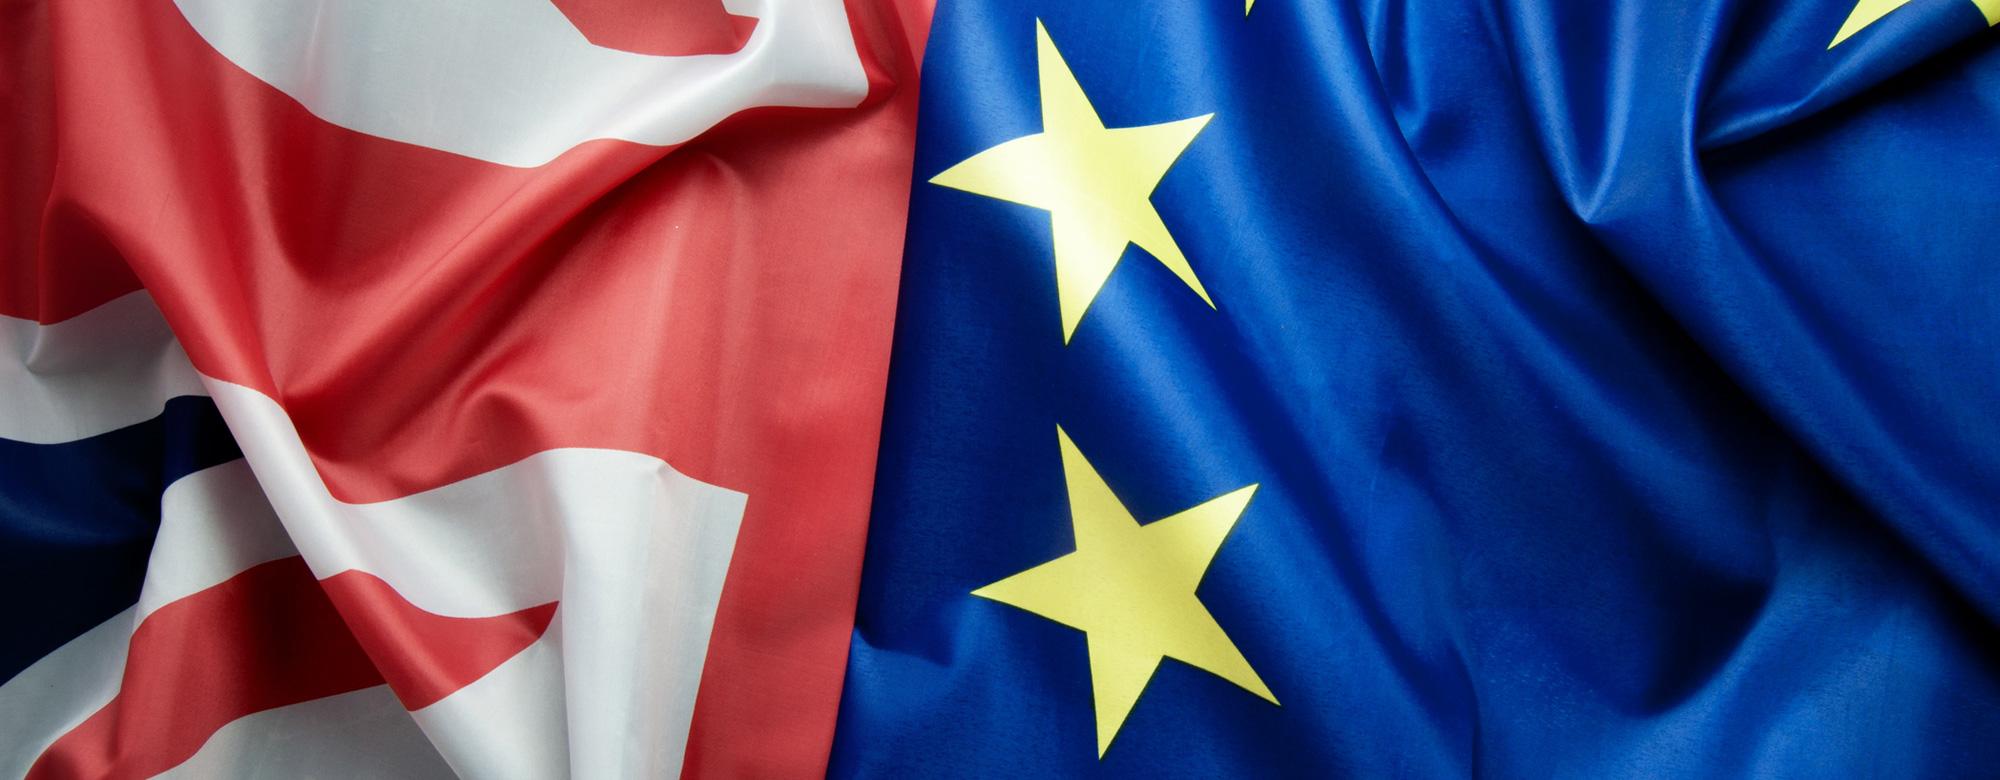 Brexit e origine preferenziale: presupposto per la non applicazione dei dazi. Quali le prove